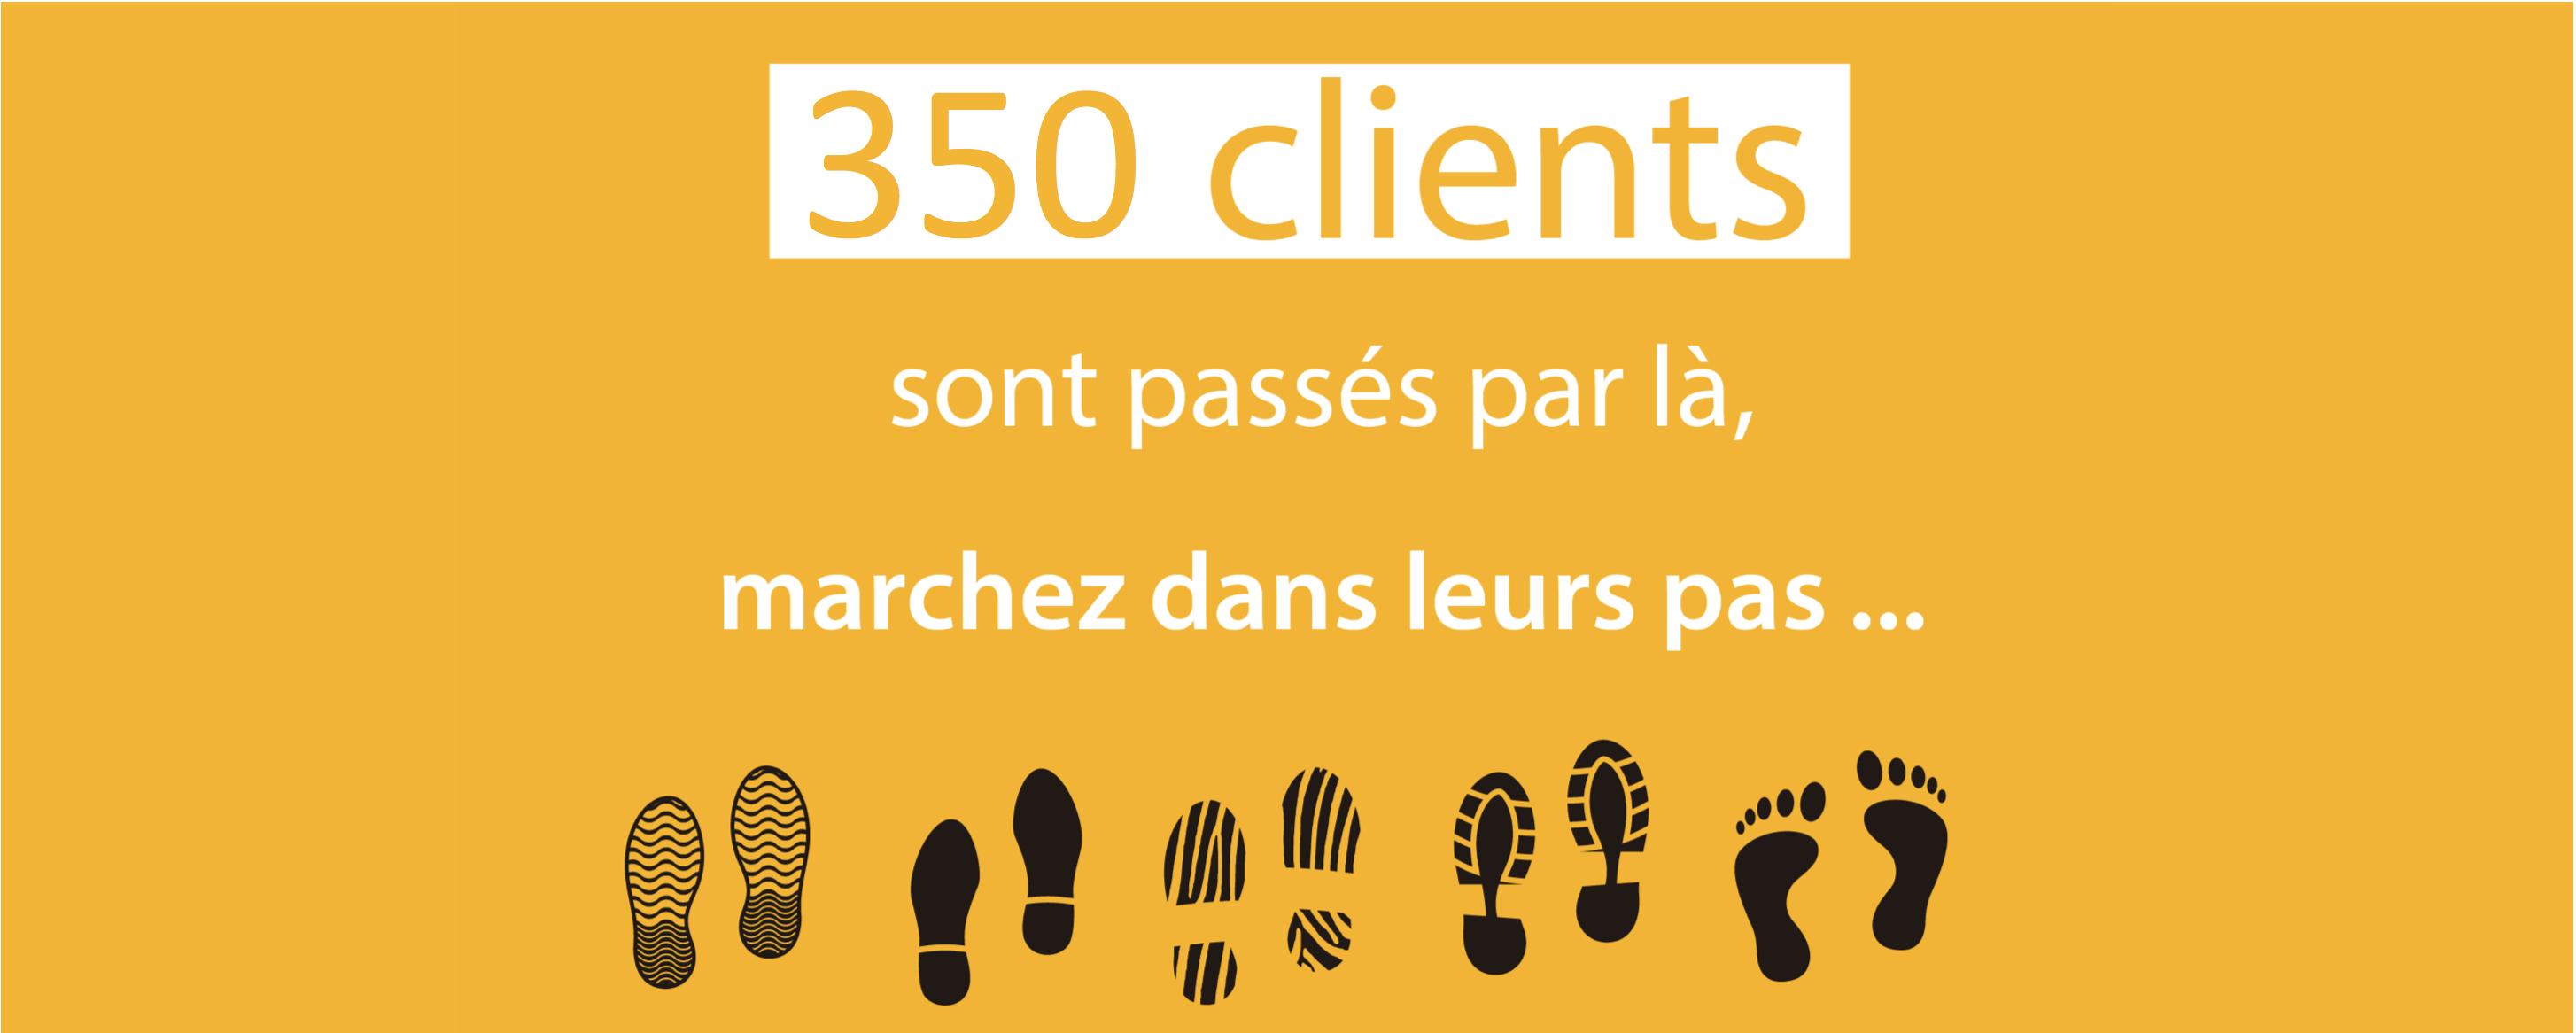 Franchise Management a accompagné plus de 350 enseignes, de toutes tailles et de tous secteurs d'activité